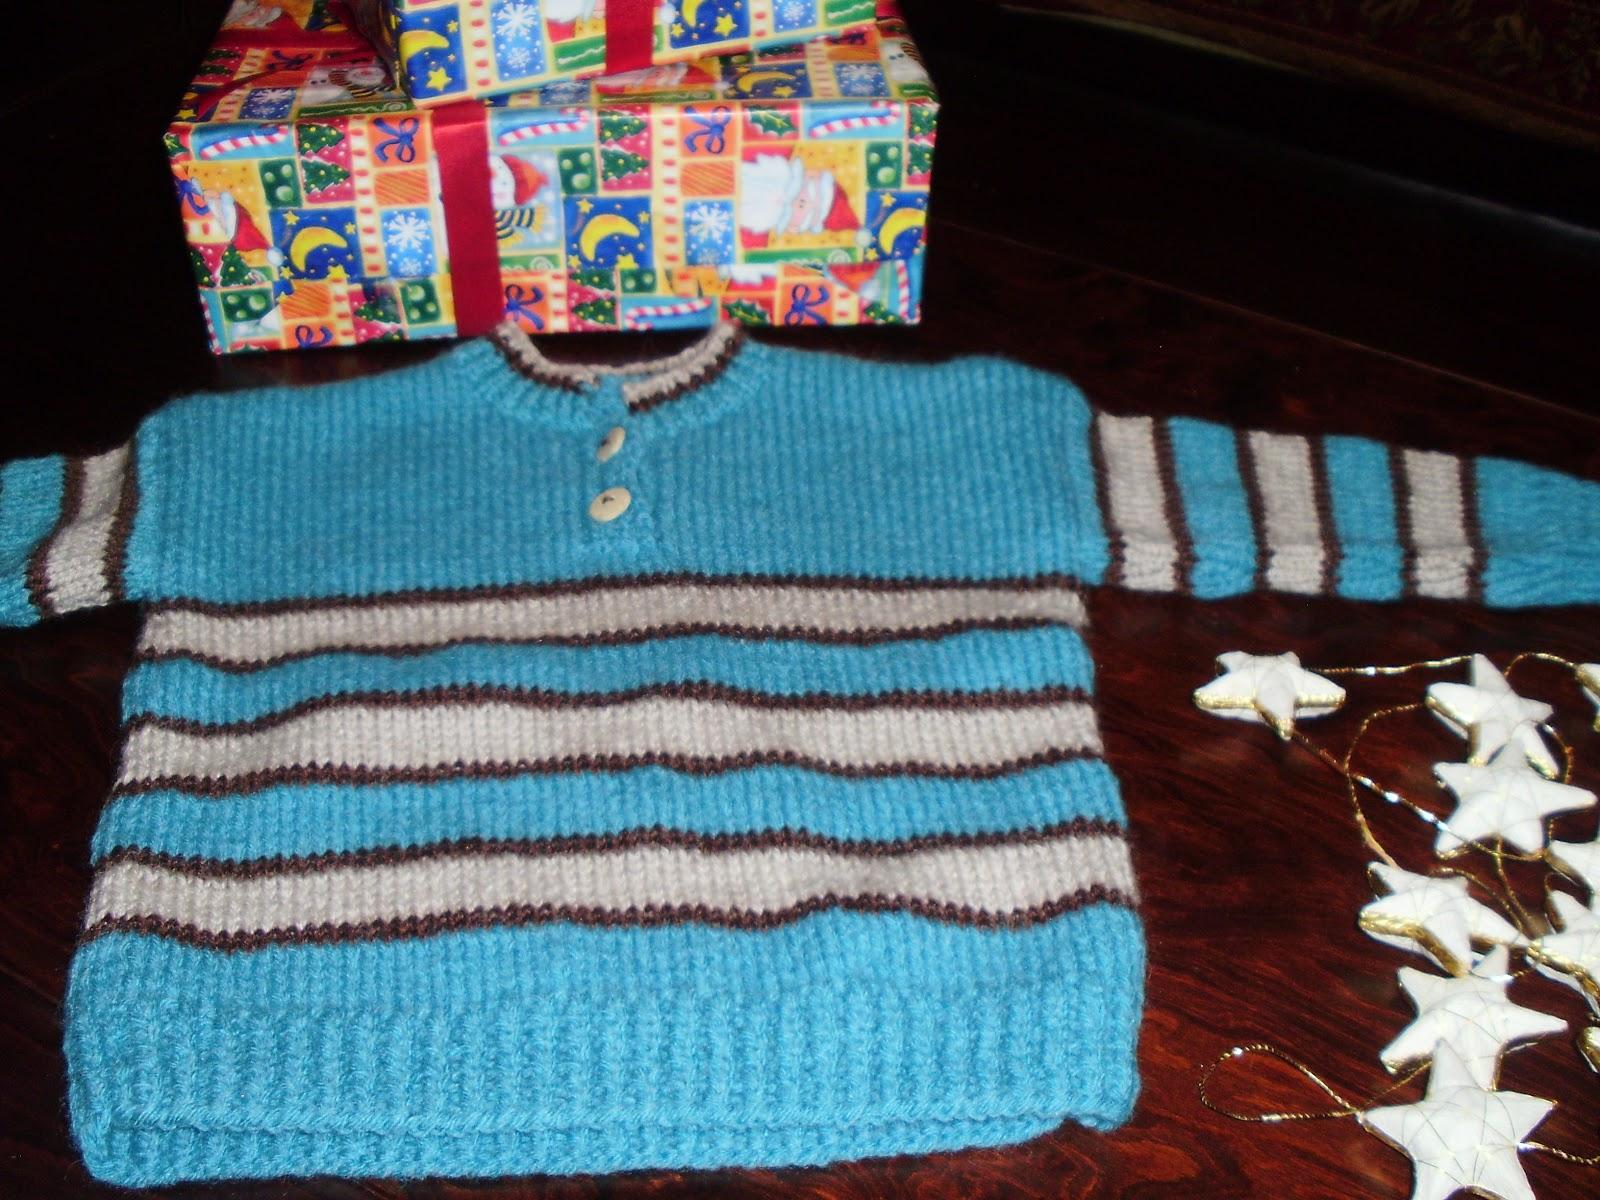 e5da7481249 Παιδικό πλεκτό πουλόβερ ριγέ μάλλινο. Συλλογή